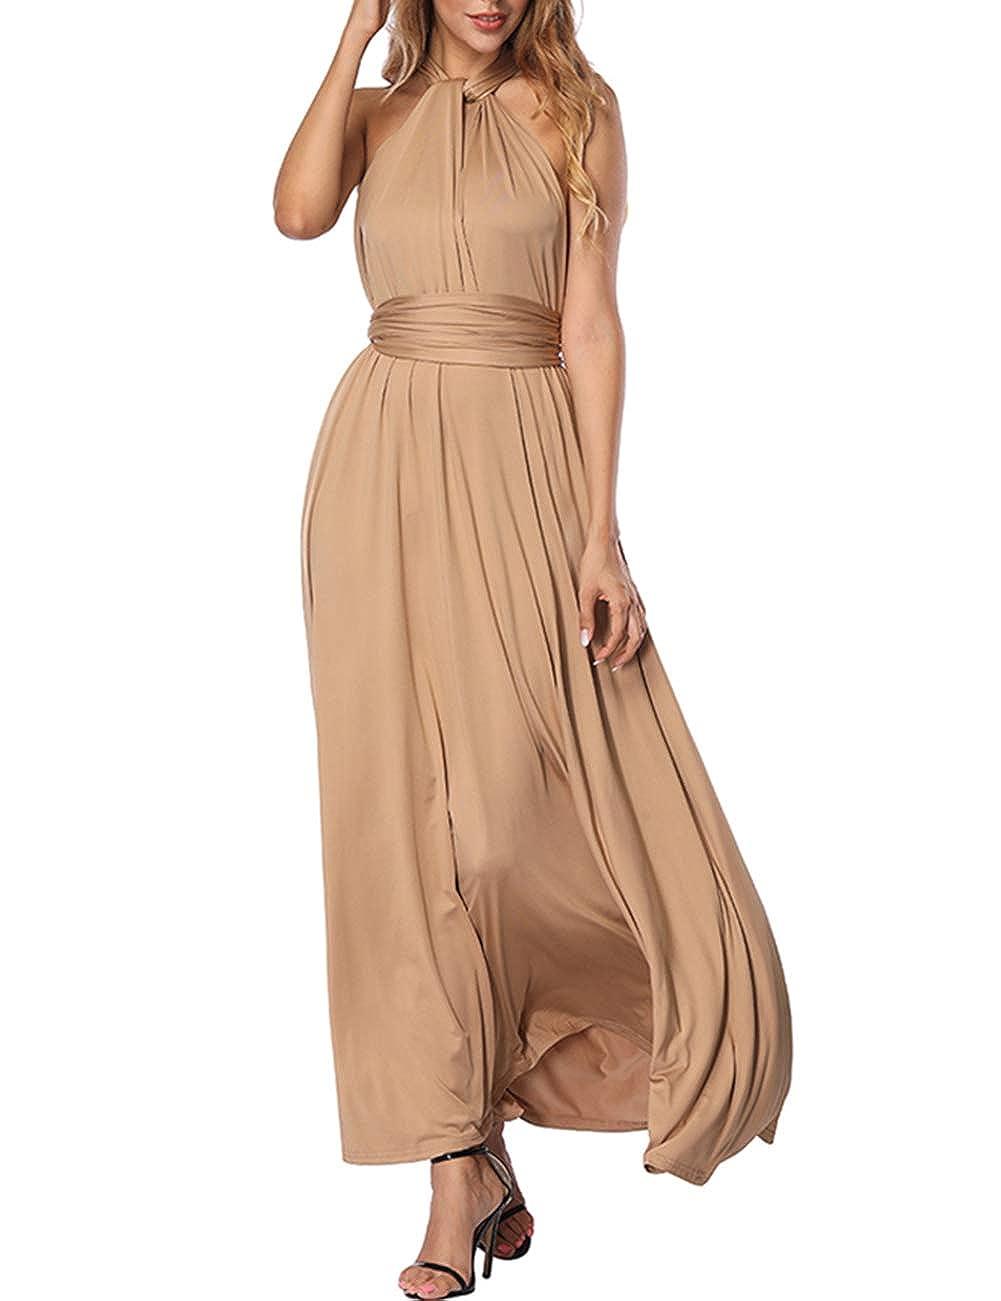 TALLA XL(ES 46-50). FeelinGirl Mujer Vestido de Noche Longitud Máxima Falda Fiesta Cóctel Tirantes Convertibles Multi-Manera Beige XL(ES 46-50)